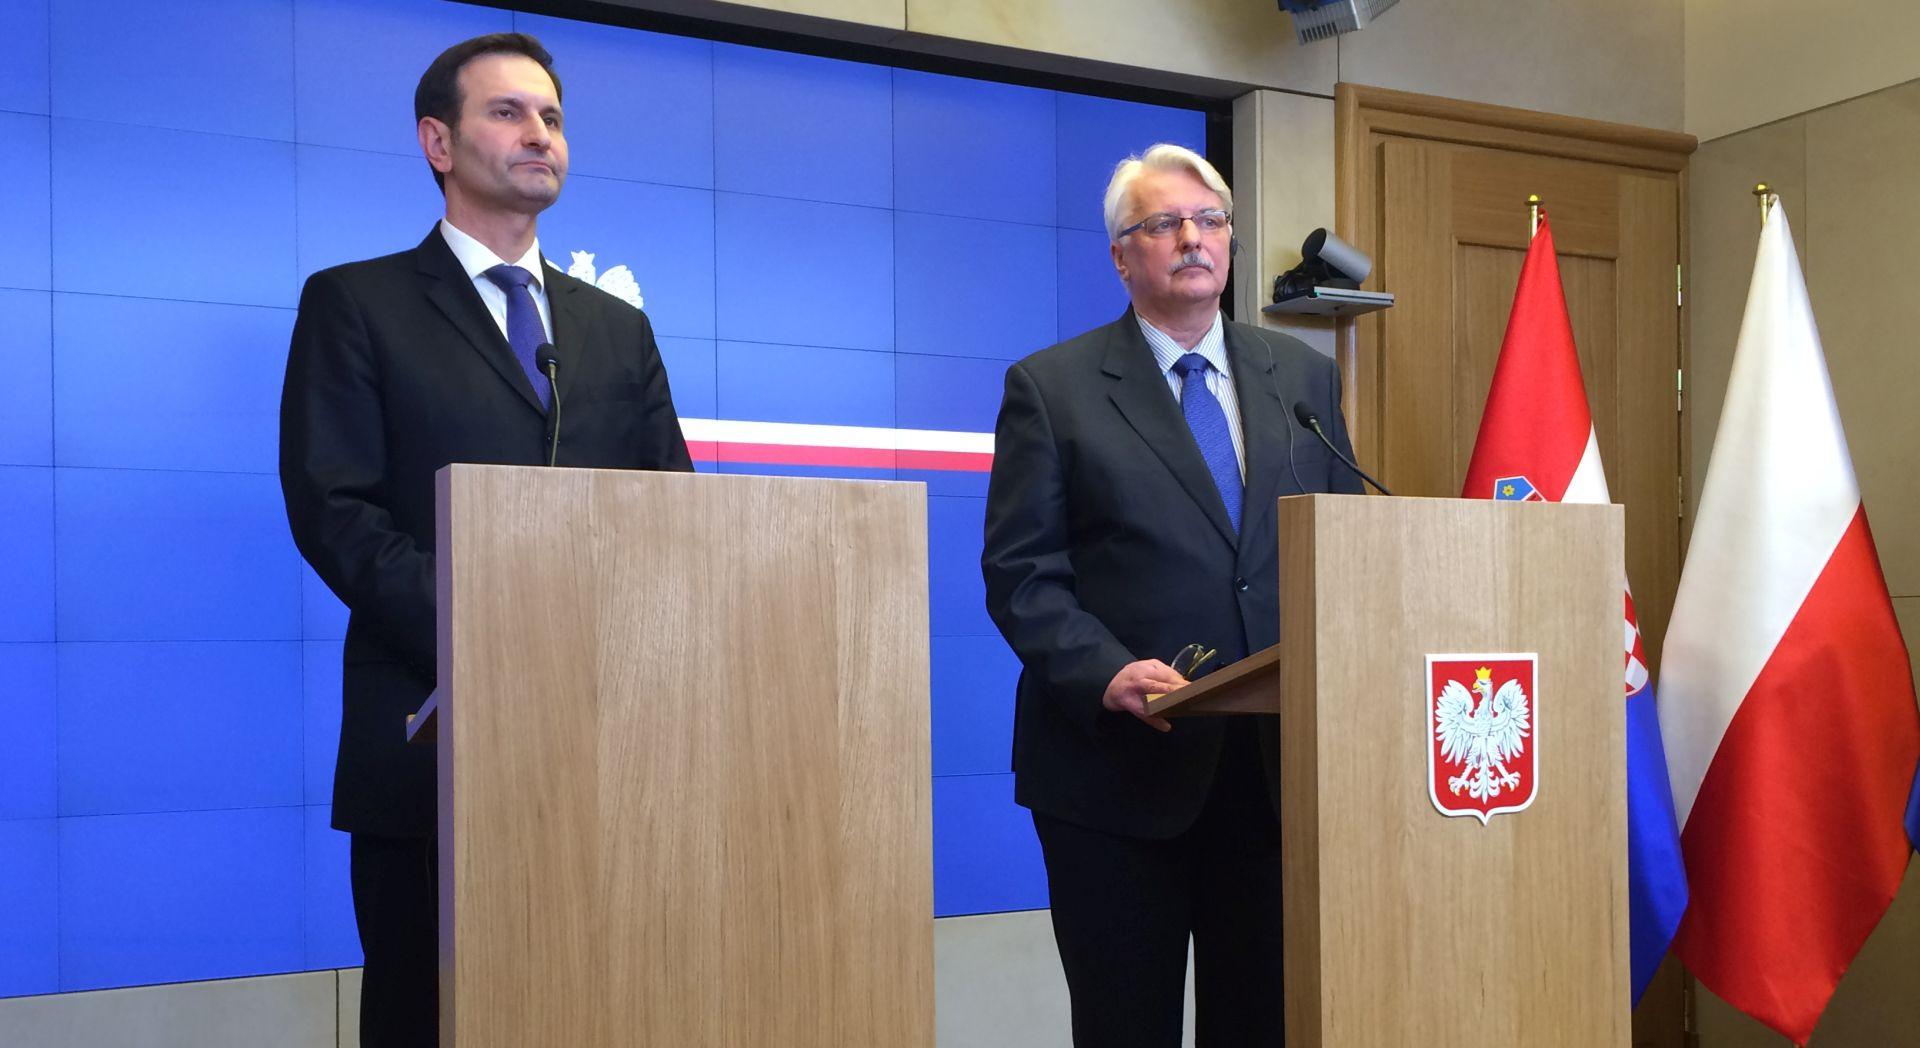 Kovač i Wasczykowski: Istok Europe treba bolje surađivati kako ne bi bio periferija Zapada